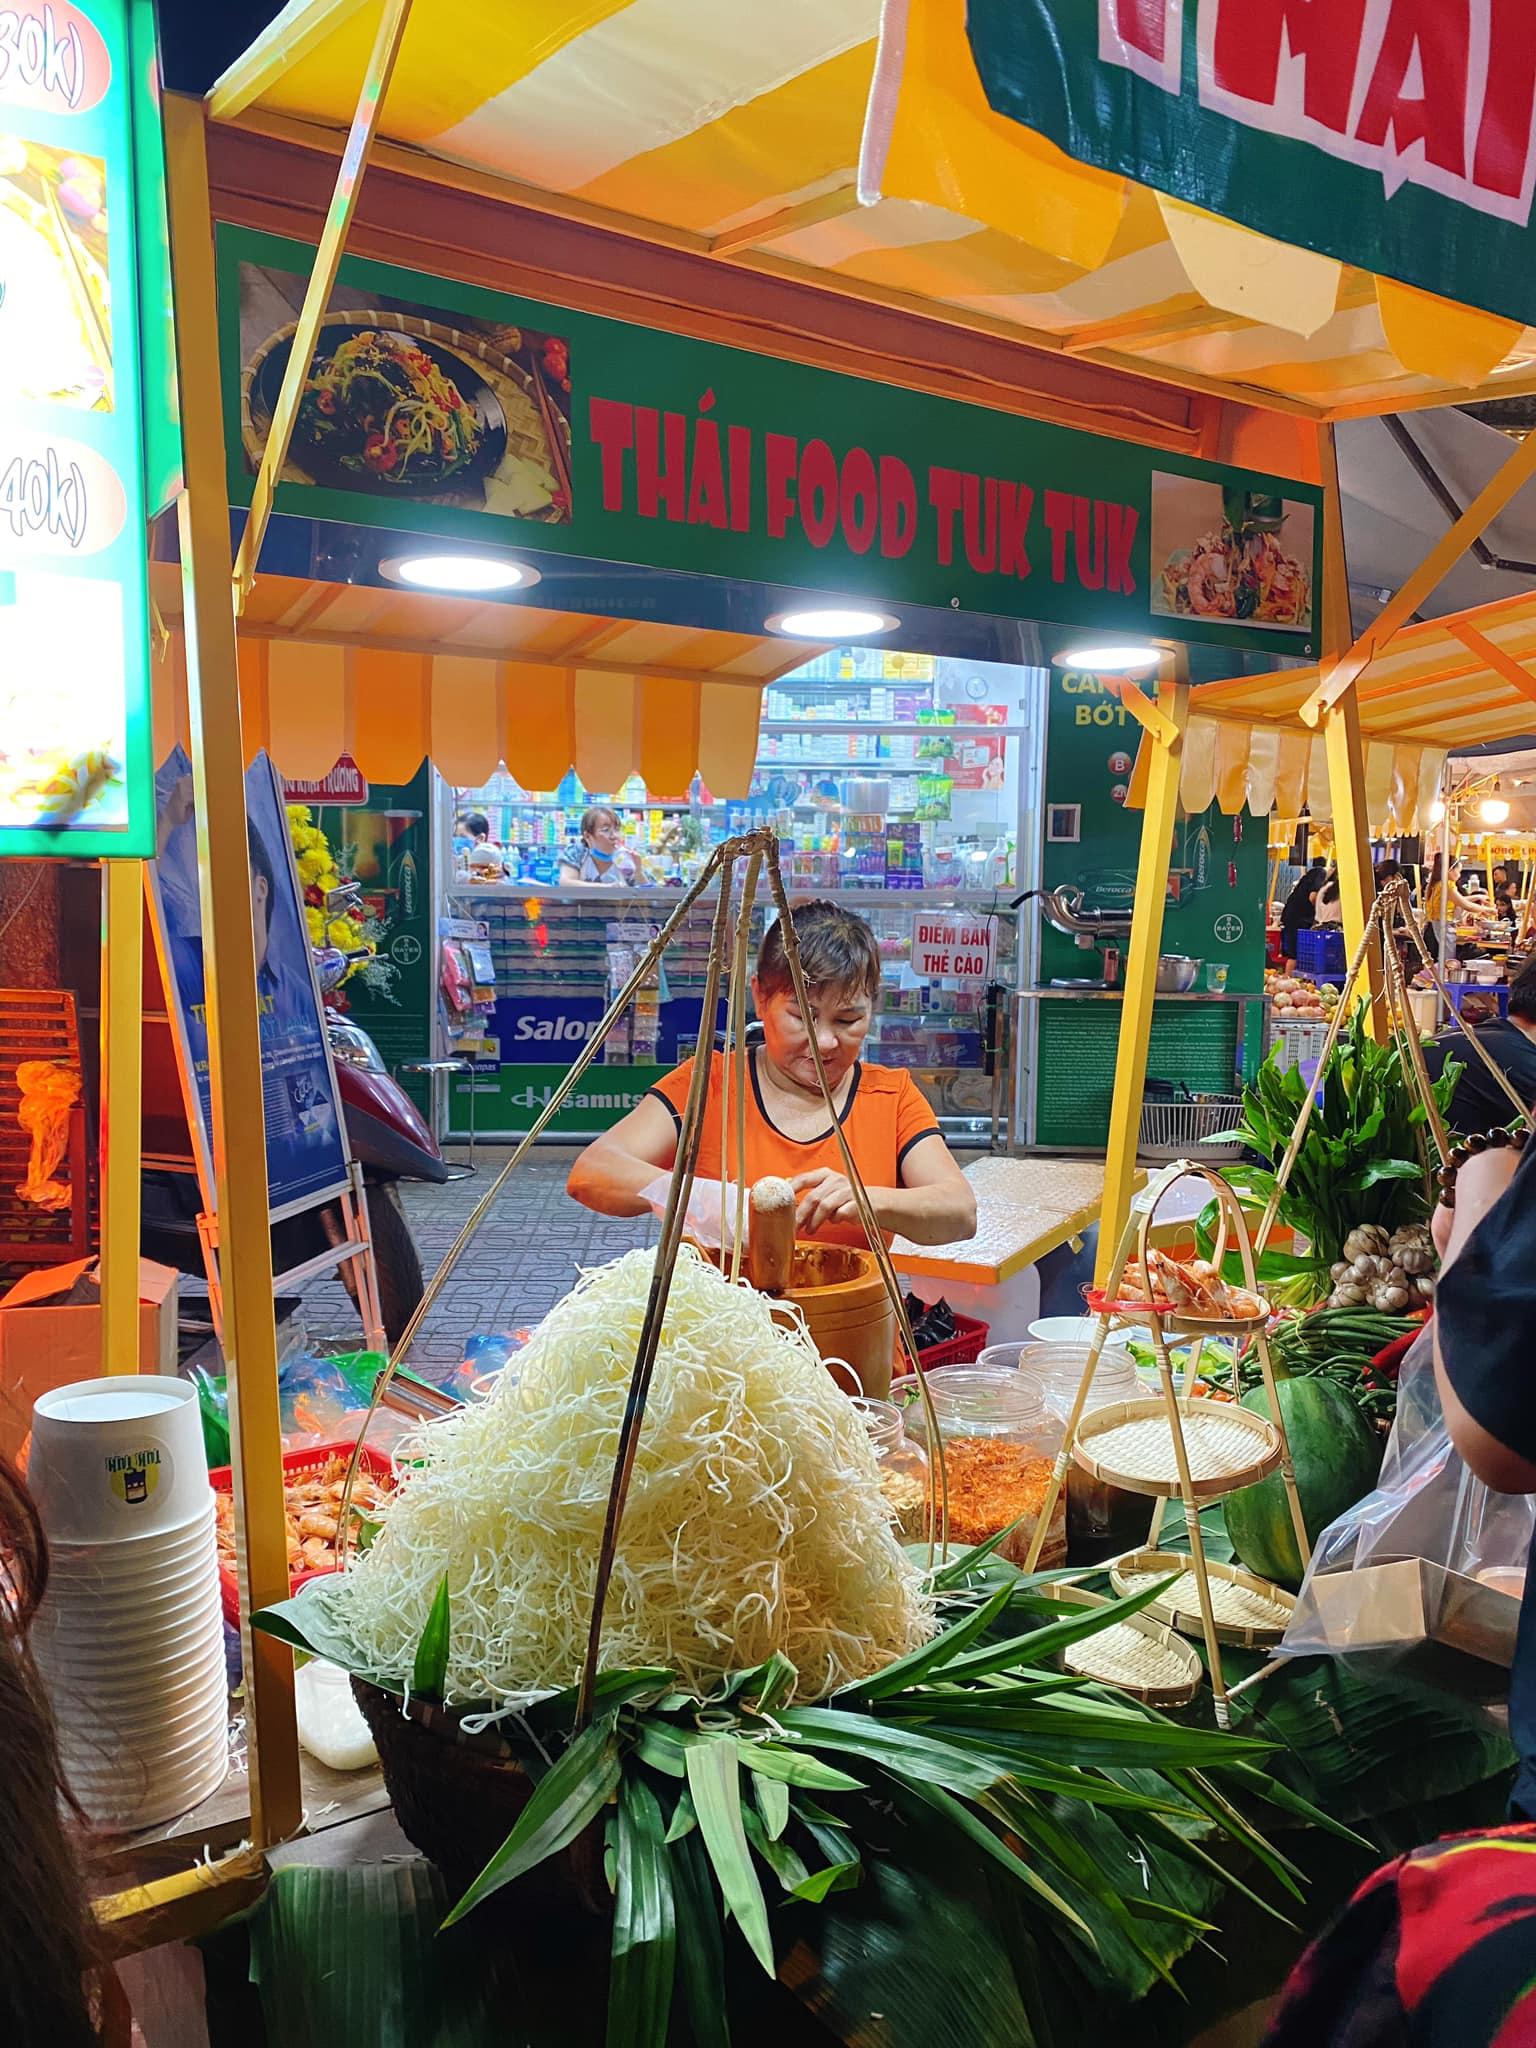 Khám phá những sự kiện mừng Tết Dương lịch tại Kỳ đài Quang Trung, phố đi bộ mới xuất hiện ở Sài Gòn - Ảnh 6.